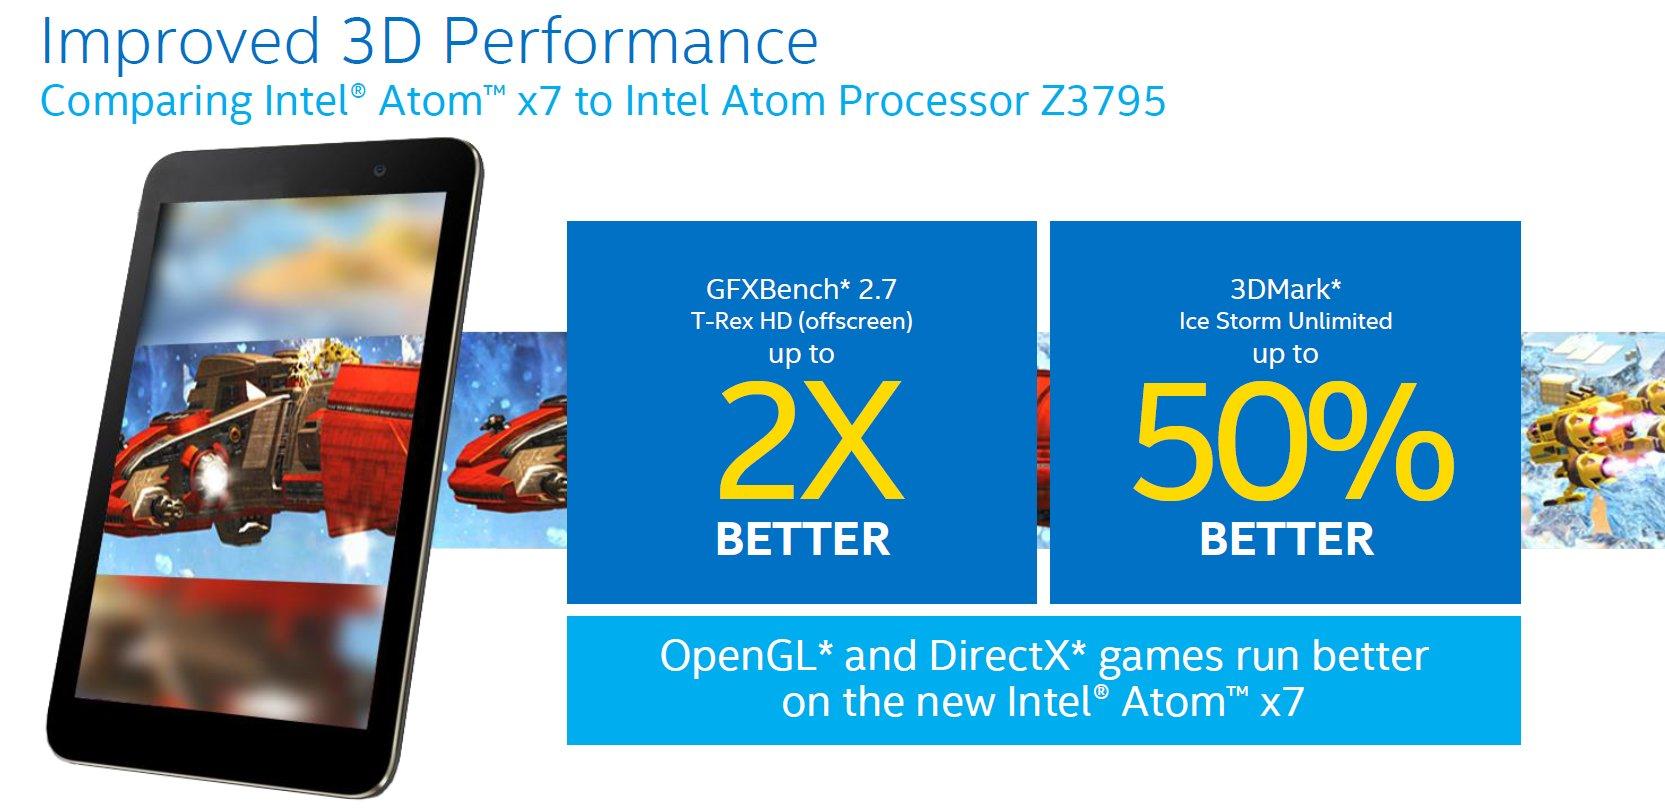 Grafik bei Cherry Trail laut Intel deutlich schneller